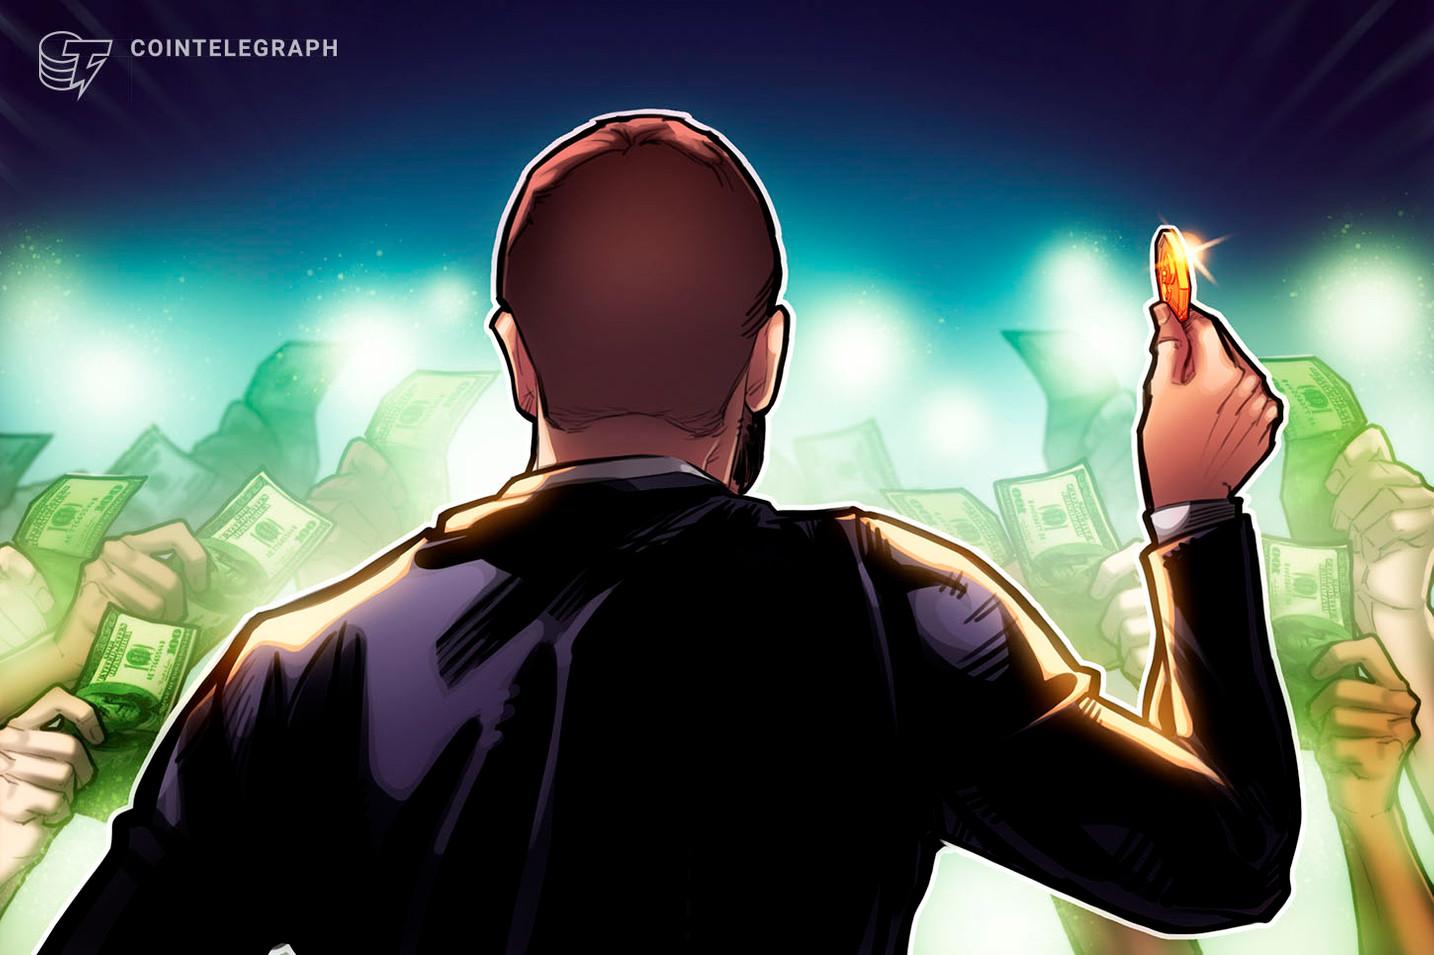 Una firma blockchain obtiene USD 4 millones del fondo de capital de riesgo Draper para proporcionar dominios no censurables